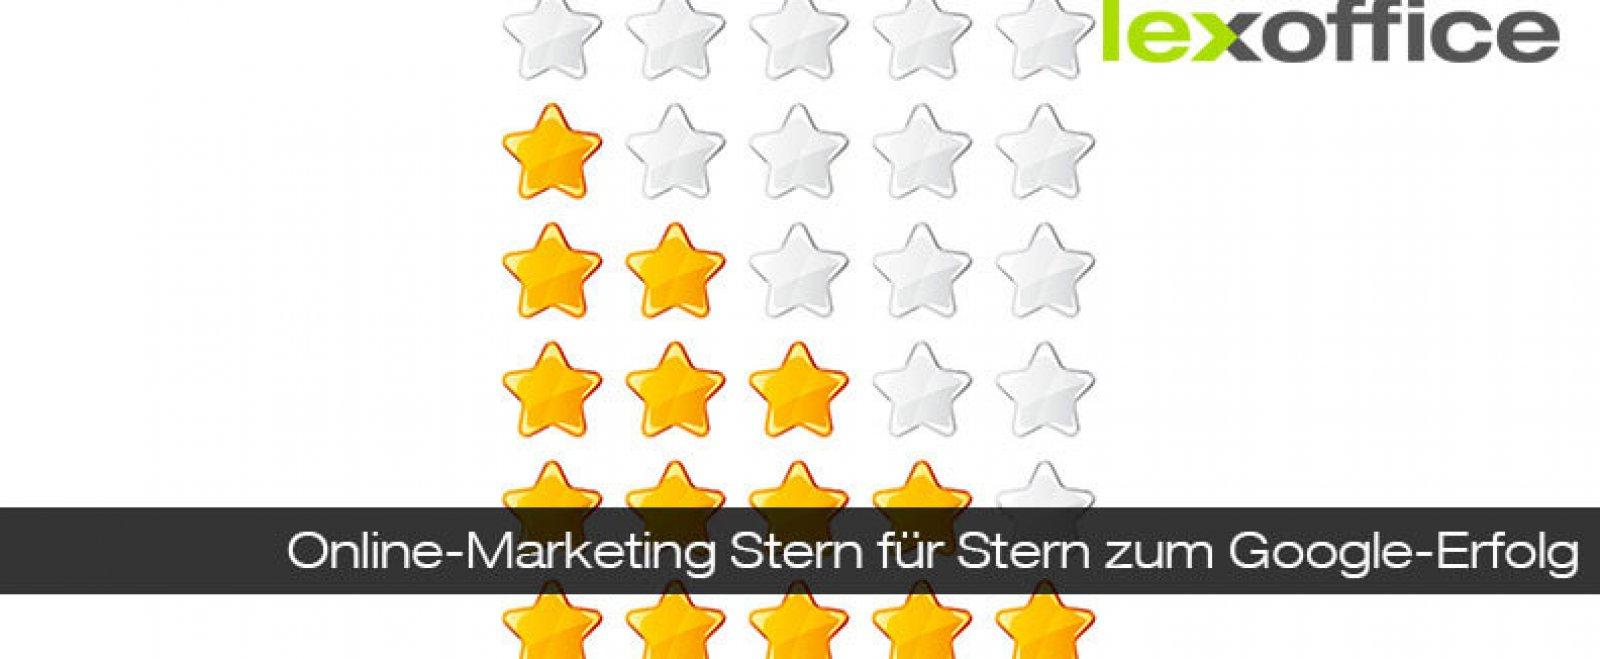 Online-Marketing: Stern für Stern zum Google-Erfolg